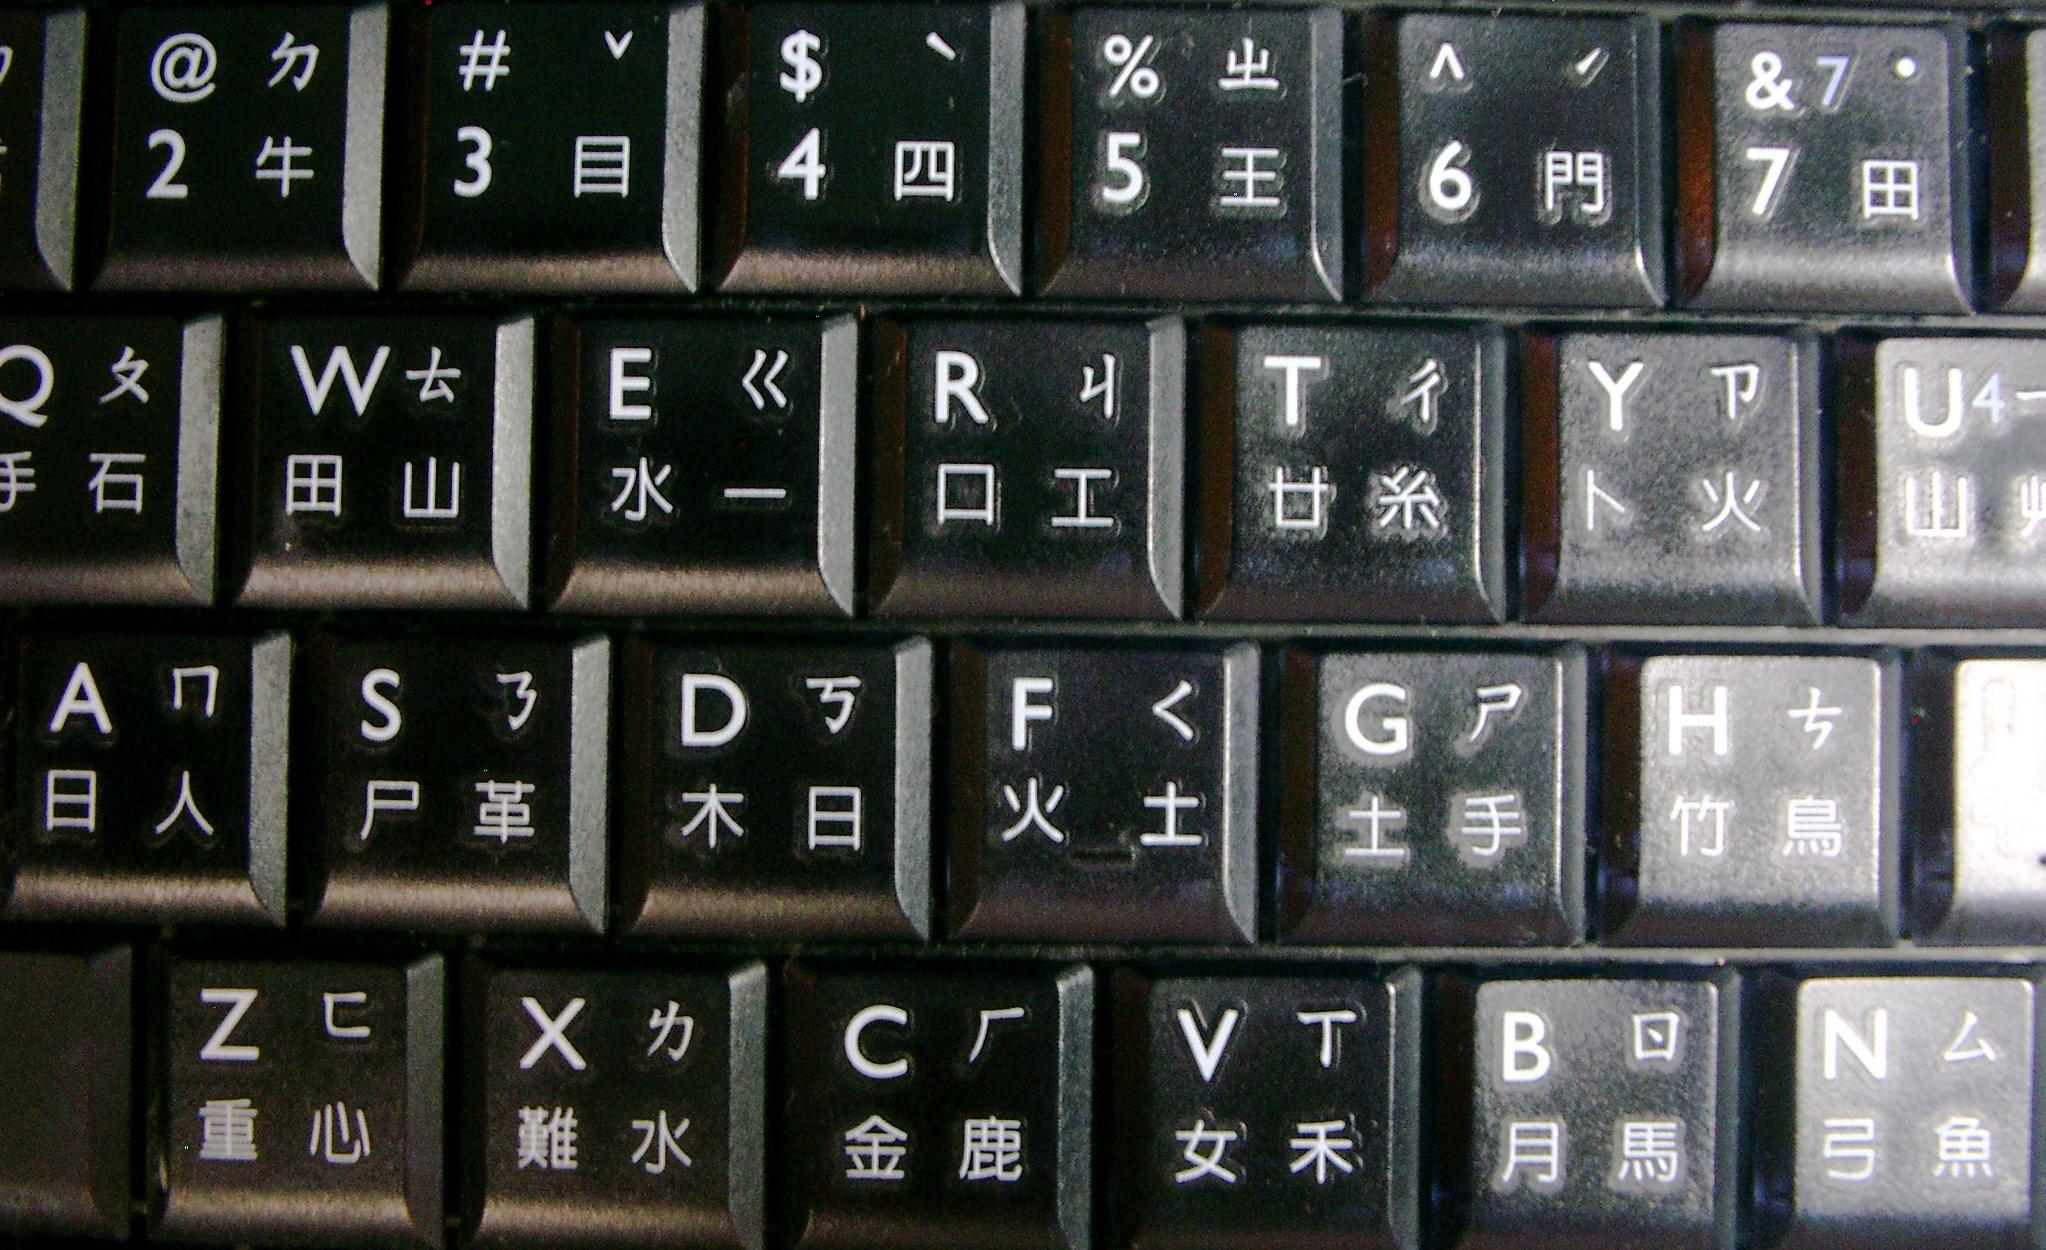 Gucken wir uns mal eine taiwanische Computer-Tastatur an ...